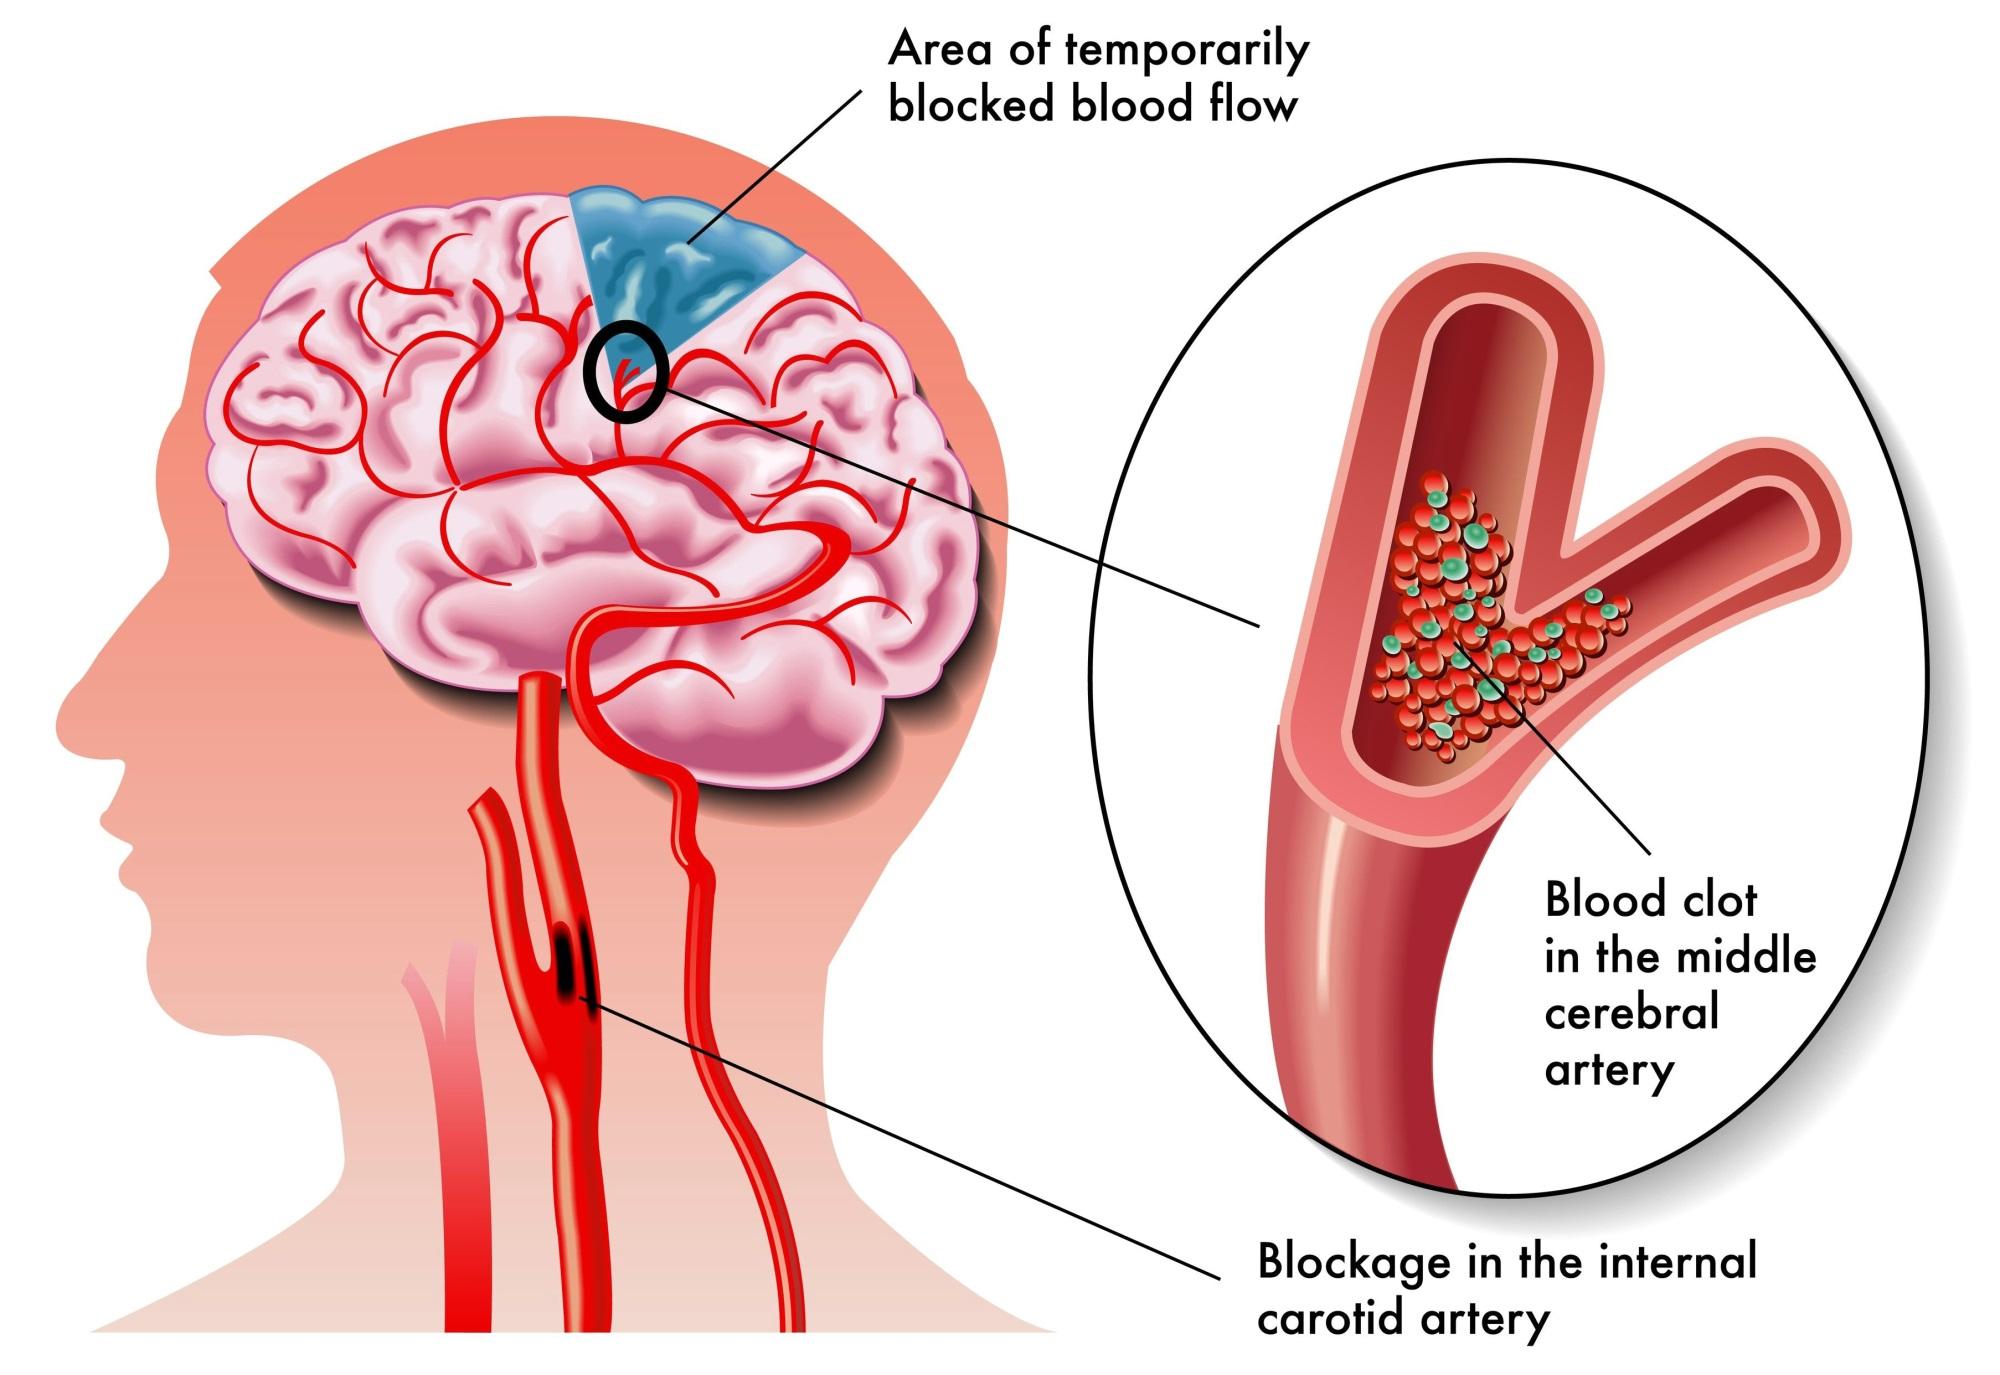 Trong một vài trường hợp, tình trạng xơ cứng ở động mạch sẽ làm hẹp lòng động mạch não dẫn đến rối loạn tuần hoàn não